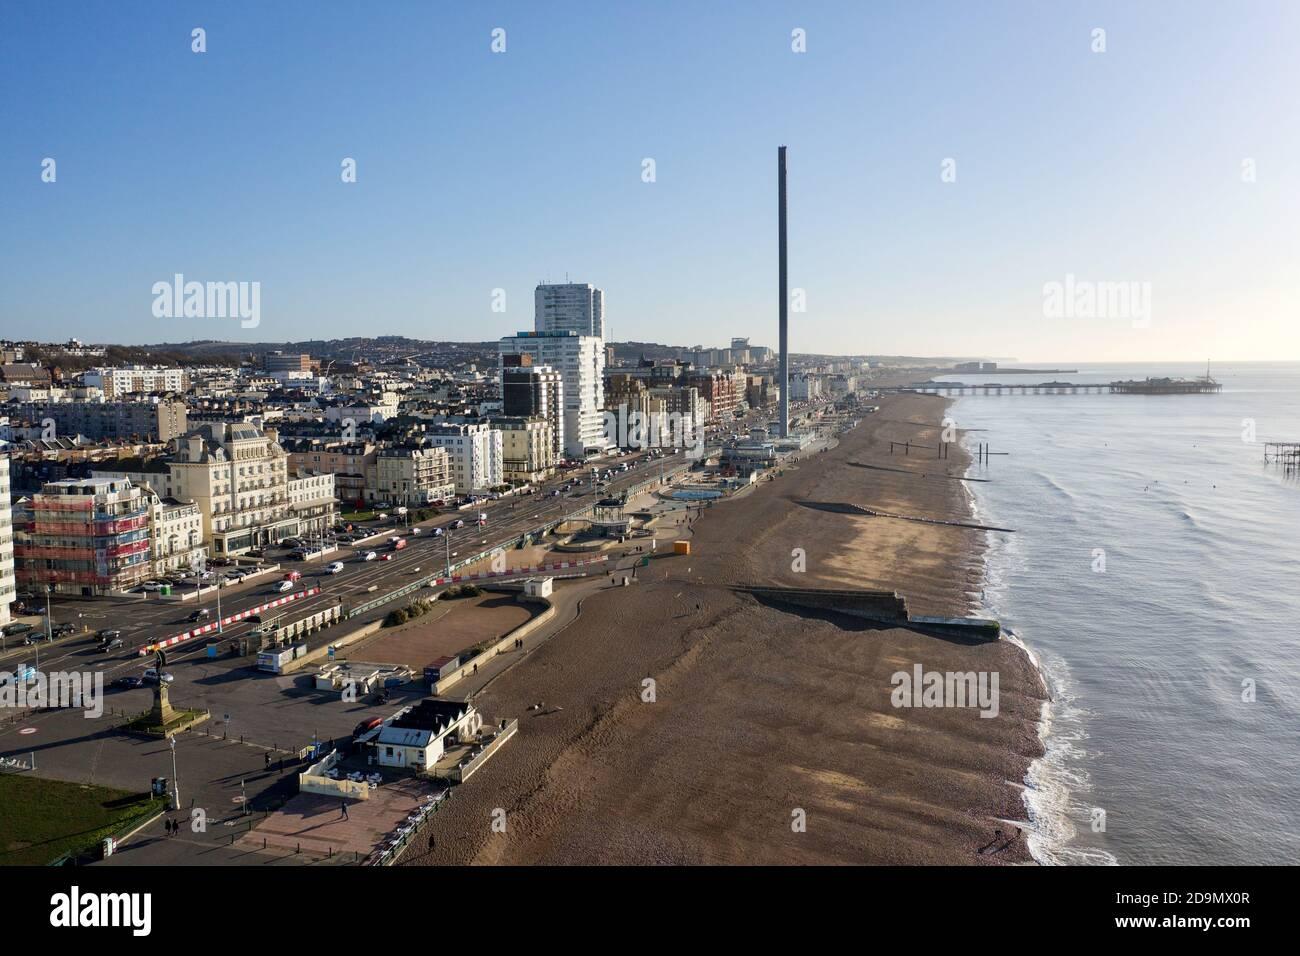 Vue aérienne le long et sur le front de mer de Brighton City avec les célèbres attractions de ce complexe populaire. Banque D'Images